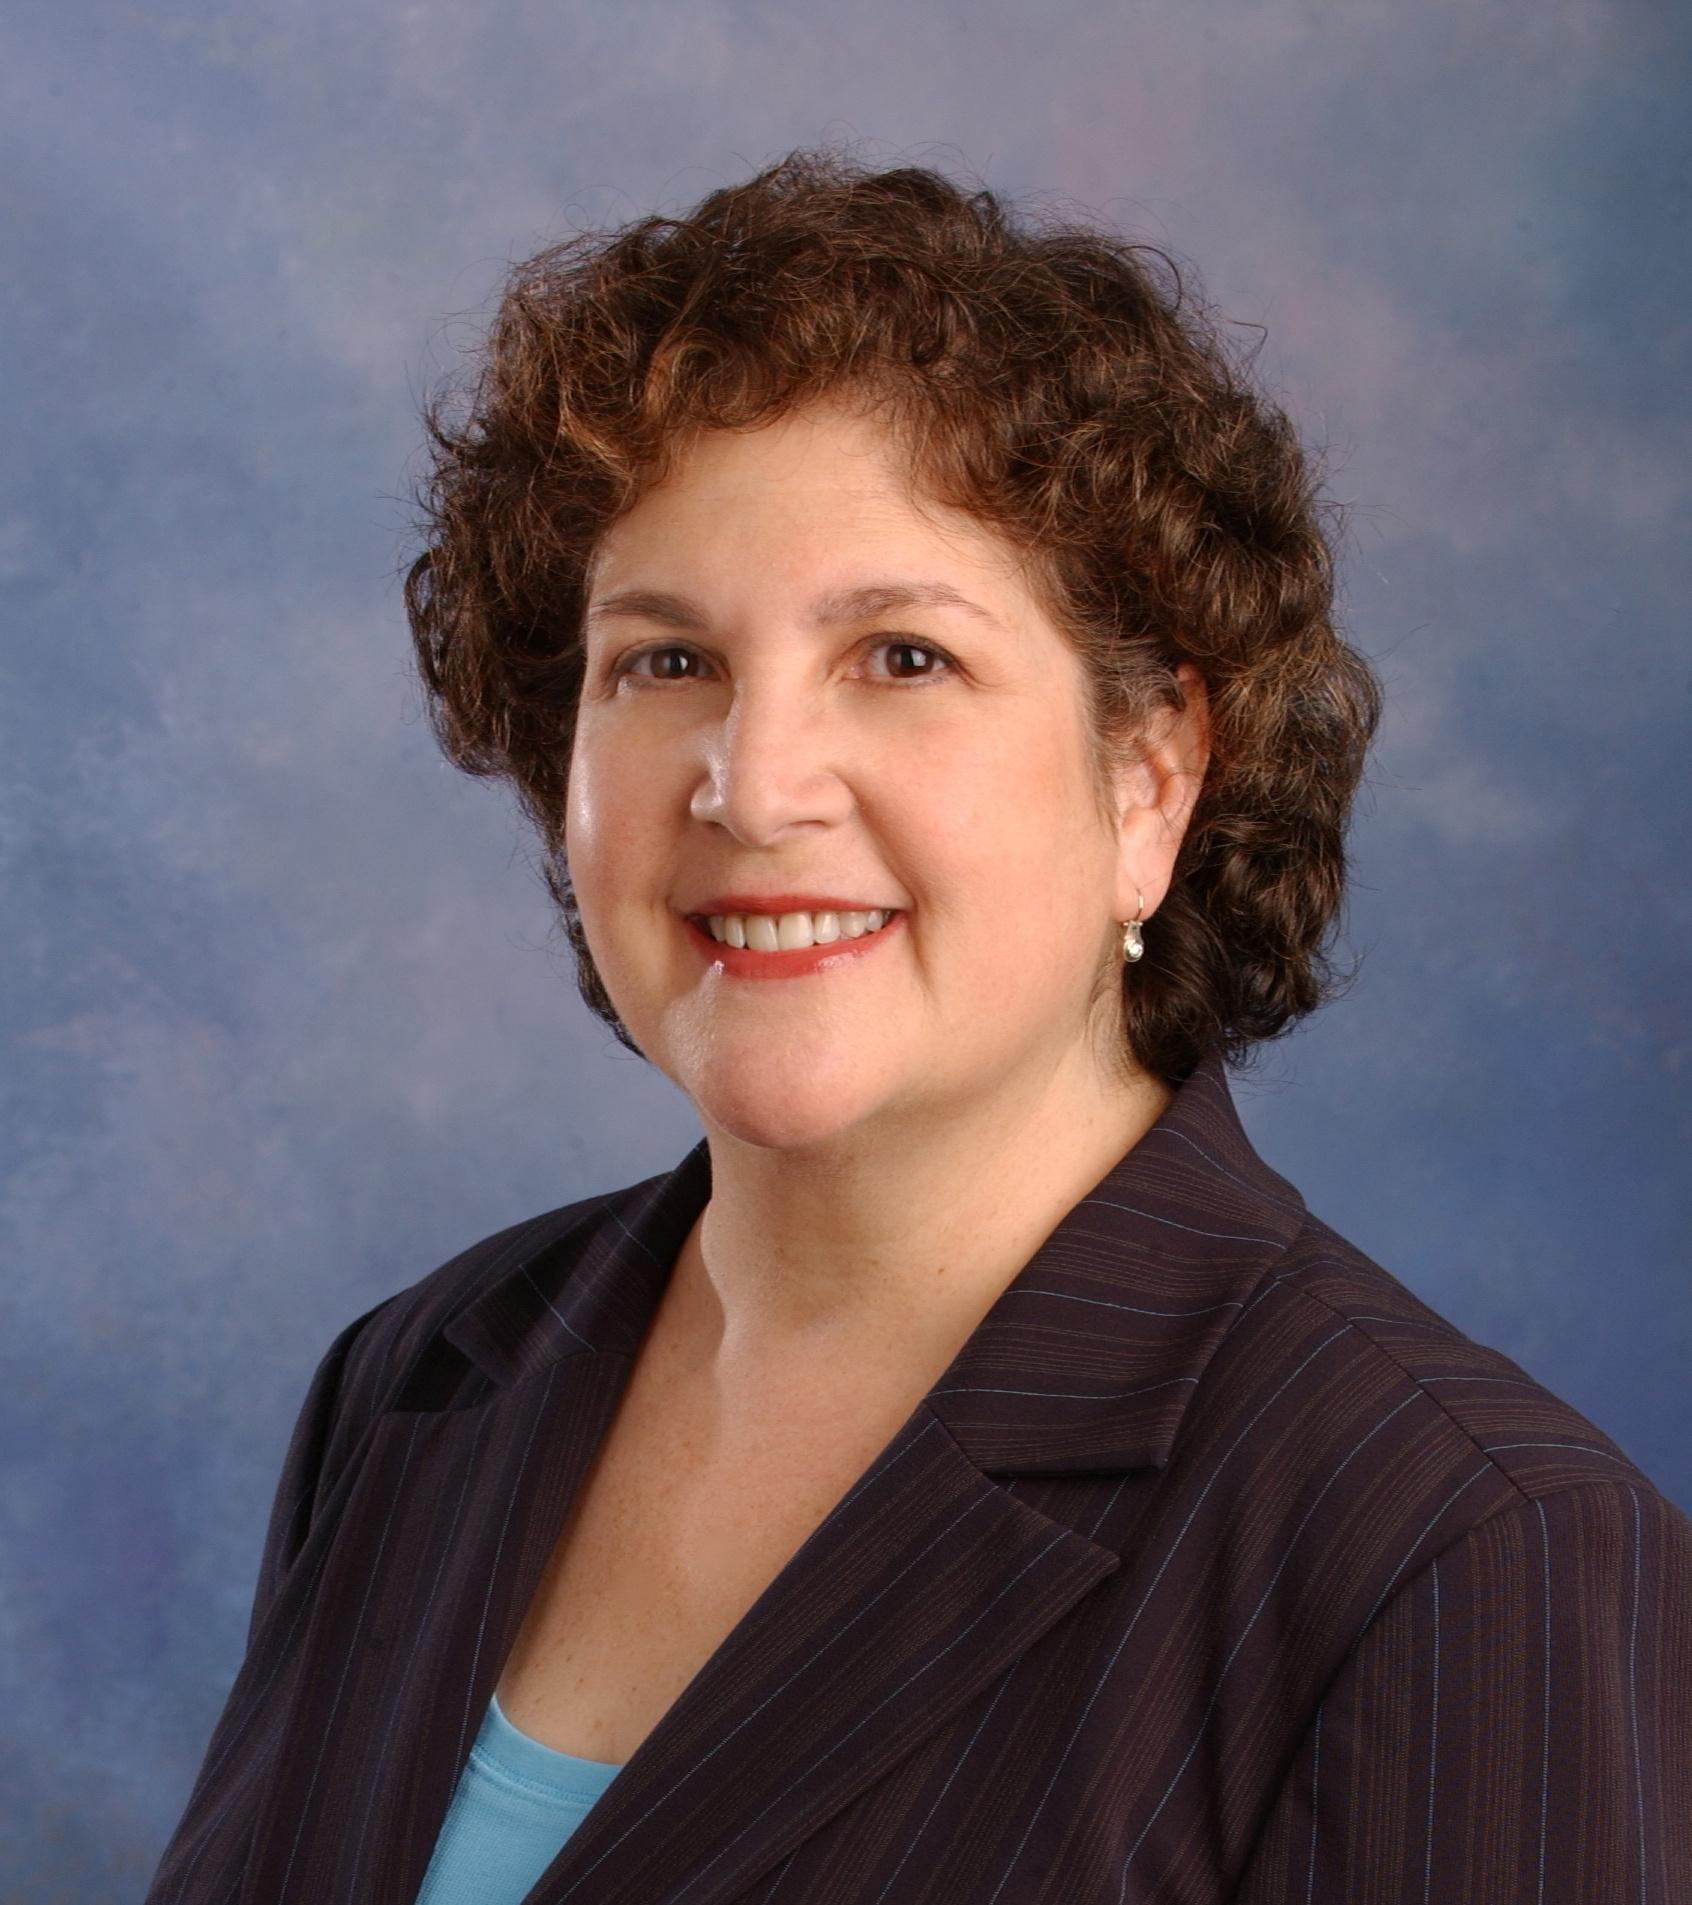 Mindy R. Wertheimer, Ph.D., LCSW